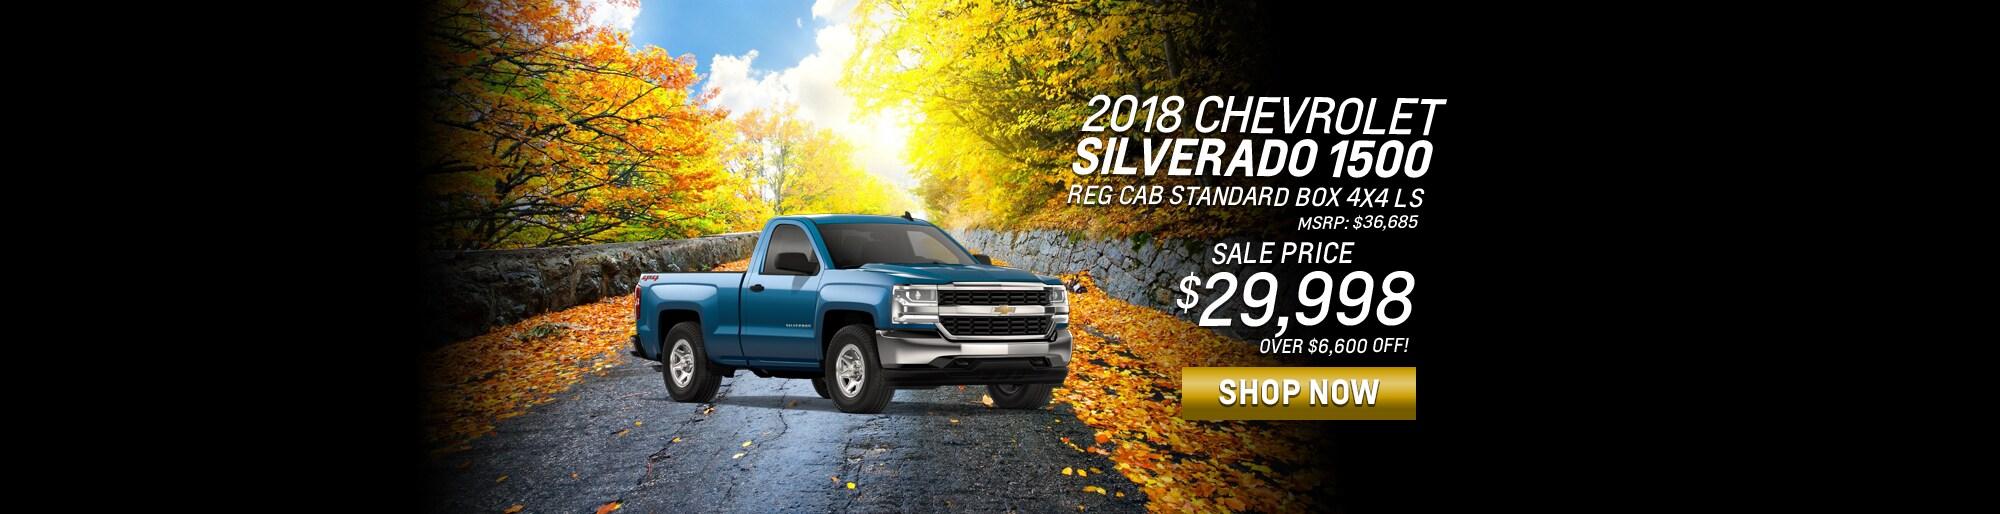 Hugh White Family Of Dealerships | New Dodge, Jeep, Buick, Chevrolet,  Chrysler, Honda, Nissan, Ram Dealership In Lancaster, OH 43130